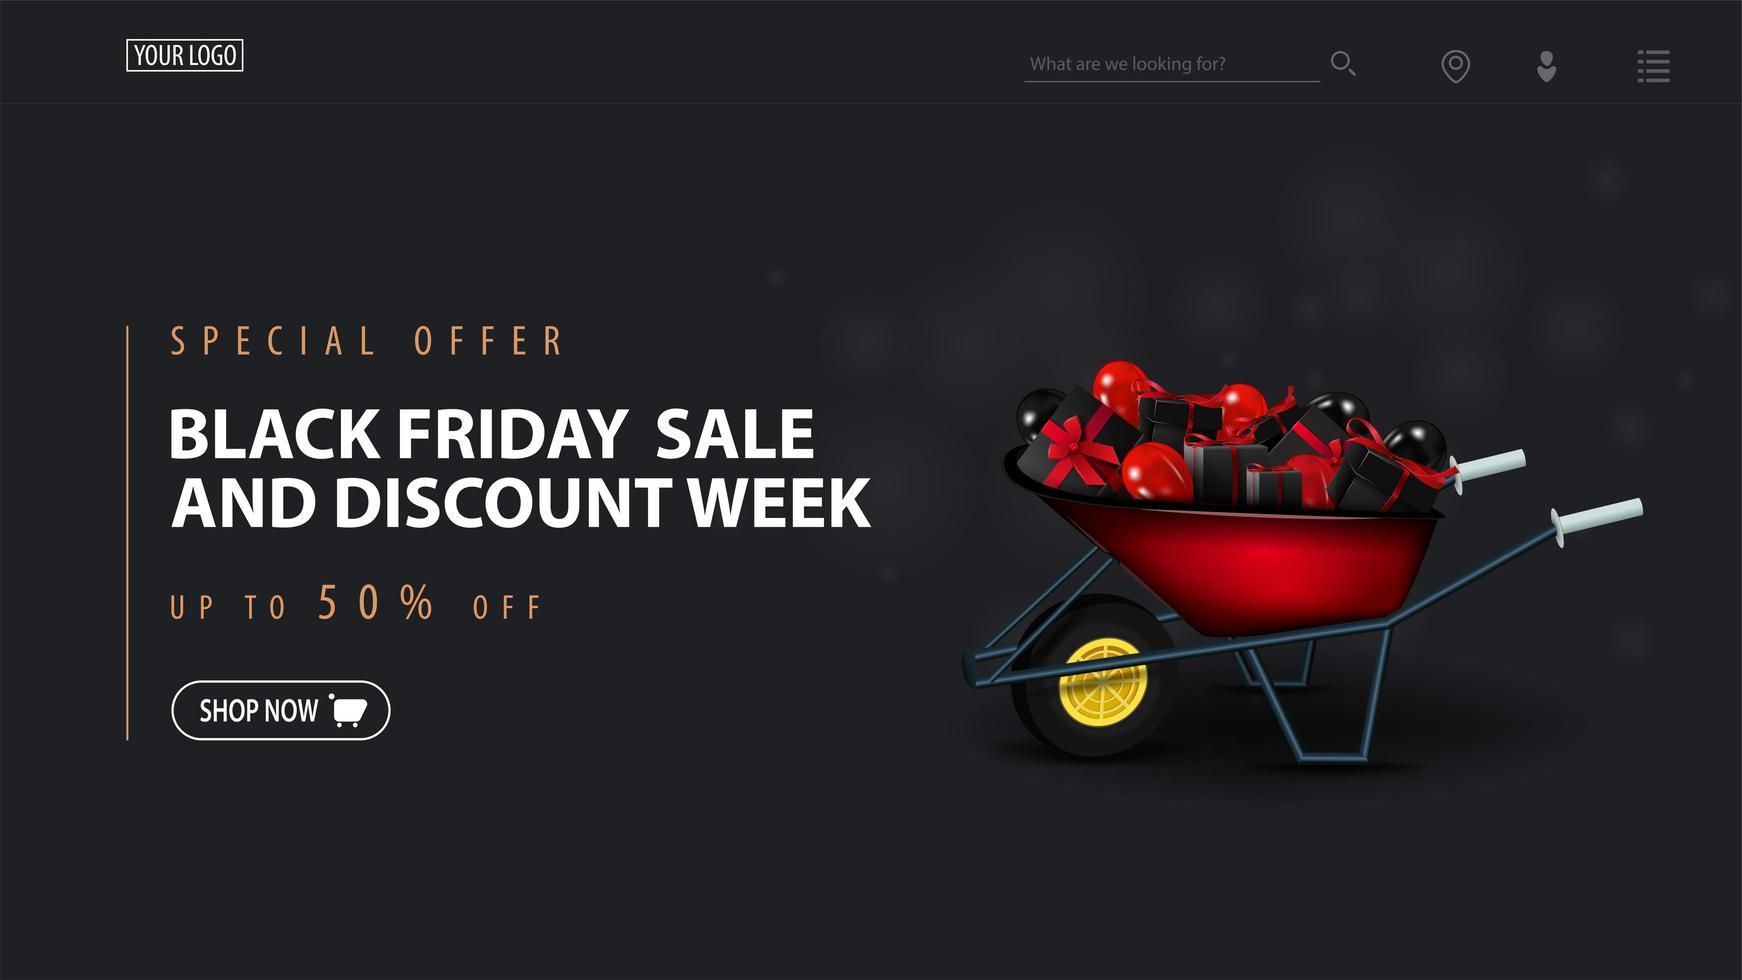 modelo de semana de desconto e venda de sexta-feira negra com carrinho de mão vetor